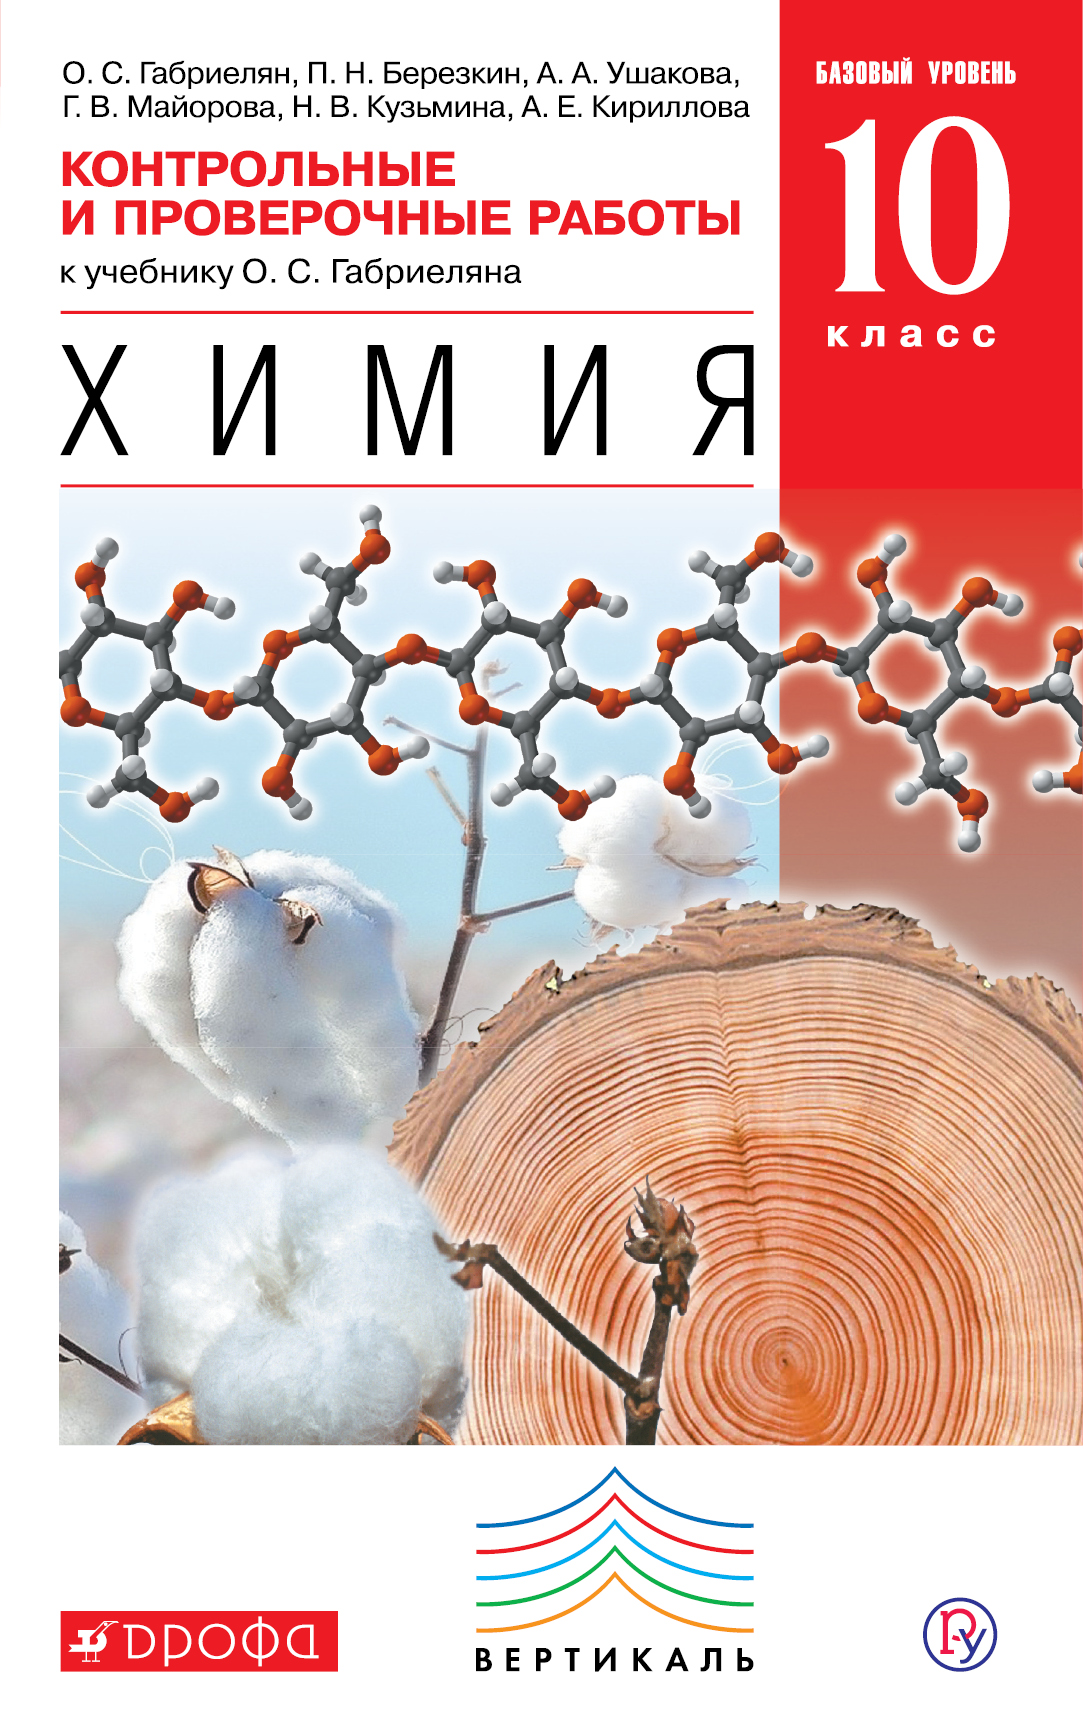 Химия. Базовый уровень. 10 класс. Контрольные и проверочные работы ( Габриелян О.С., Березкин П.Н., Ушакова А.А.  )